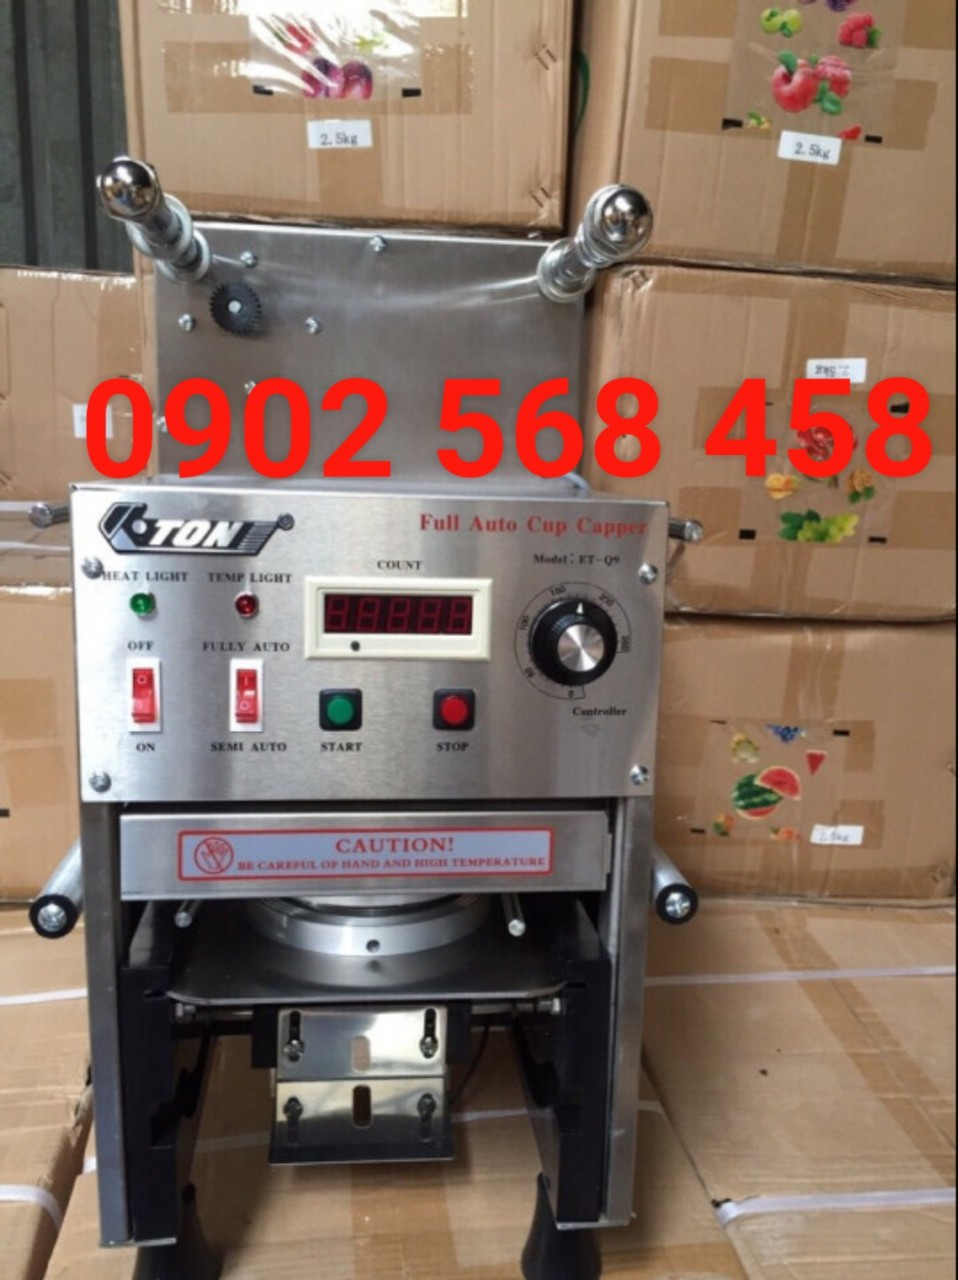 Máy dán ly trà sữa ET-Q9 tự động hoàn toàn vỏ inox giá rẻ LH 0902568458